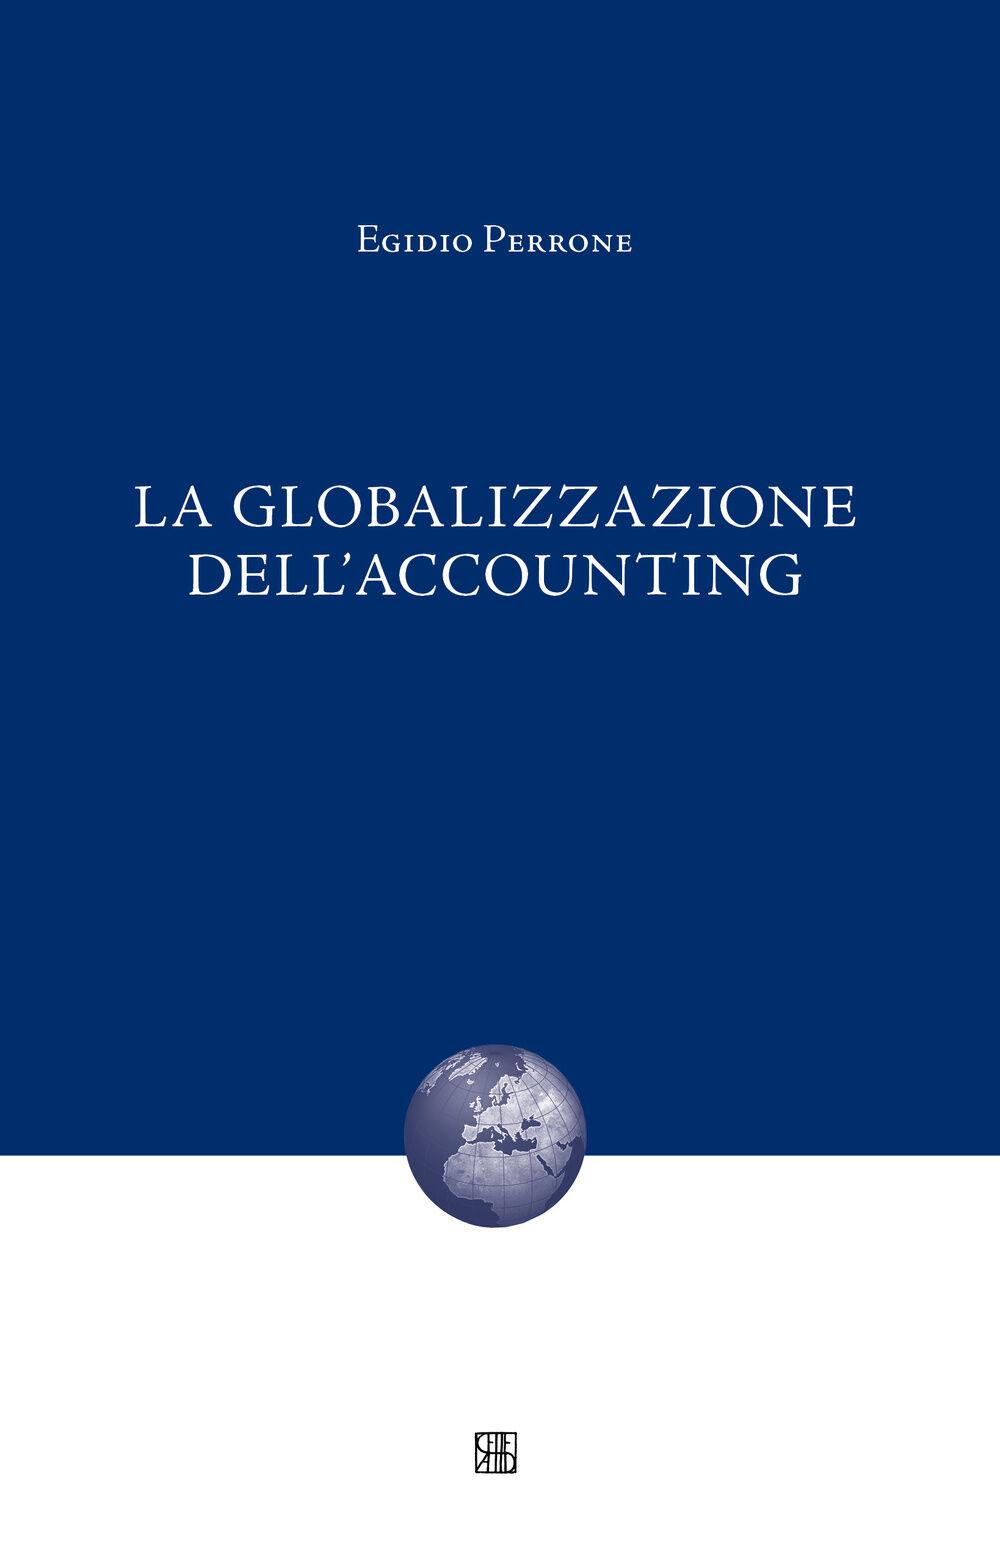 La globalizzazione dell'accounting